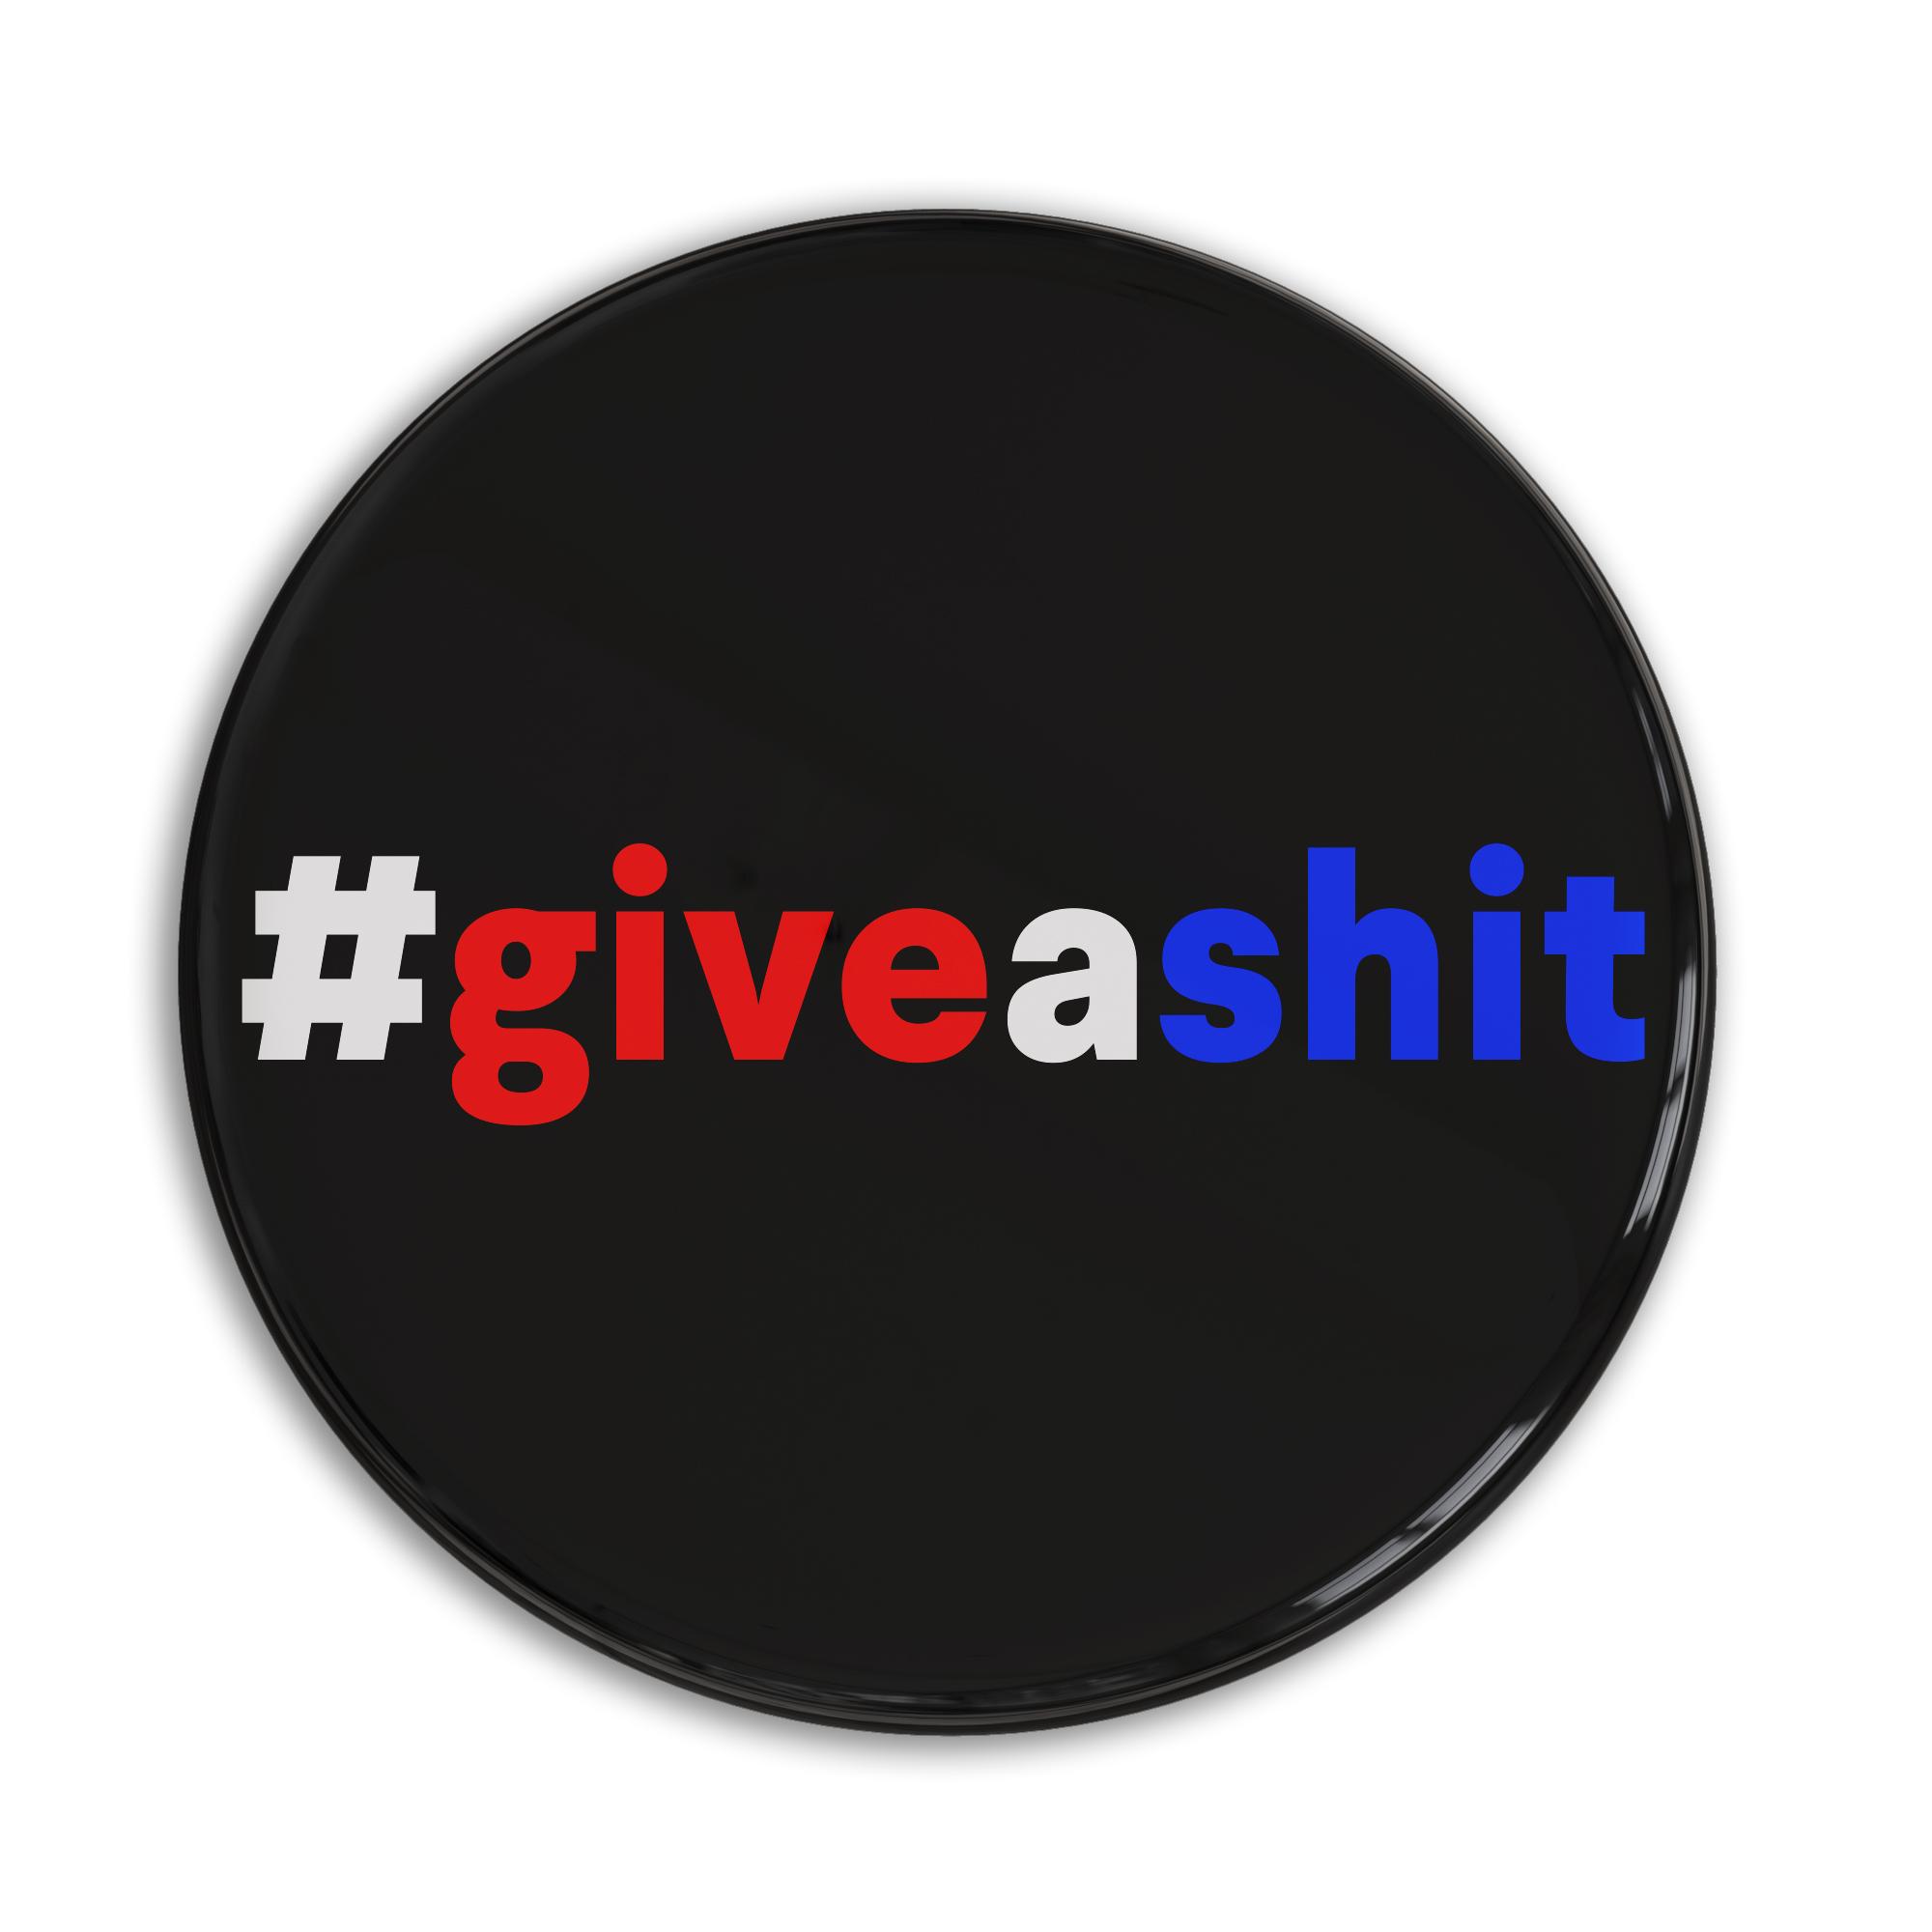 giveashit-Button-Final-1598293613